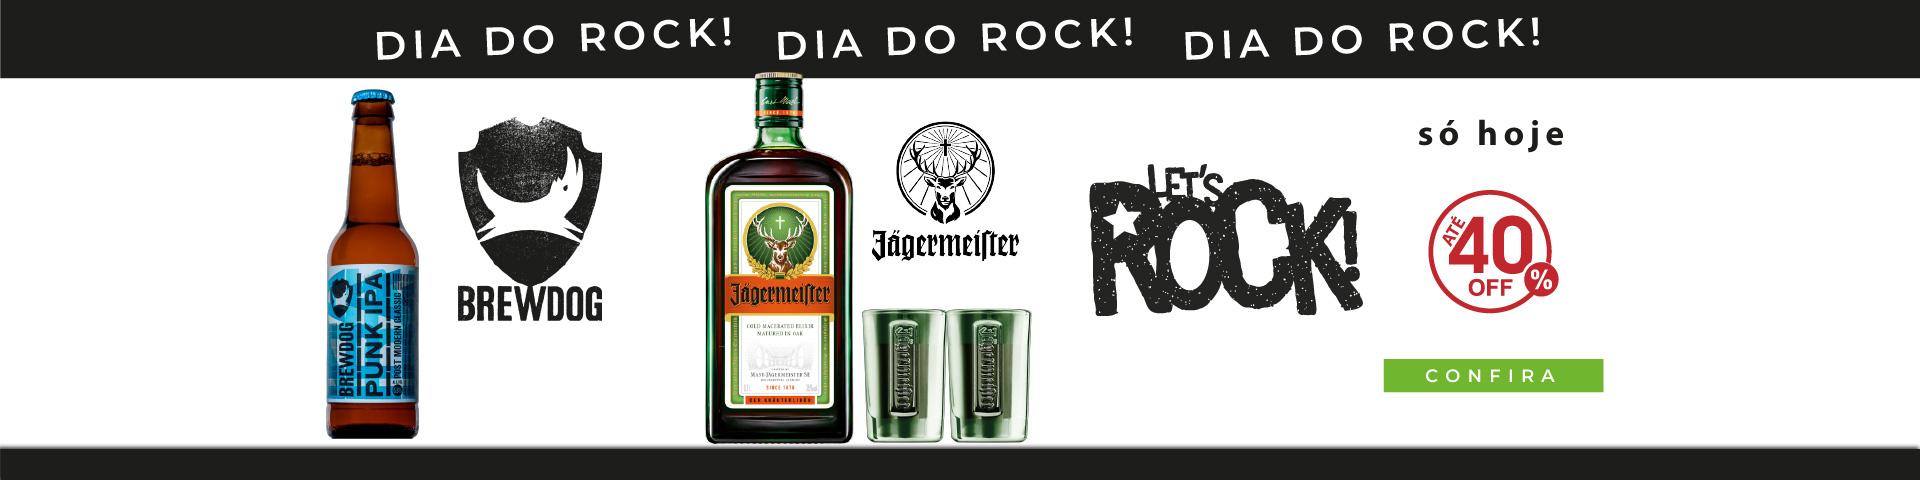 Banner-home-dia-do-rock